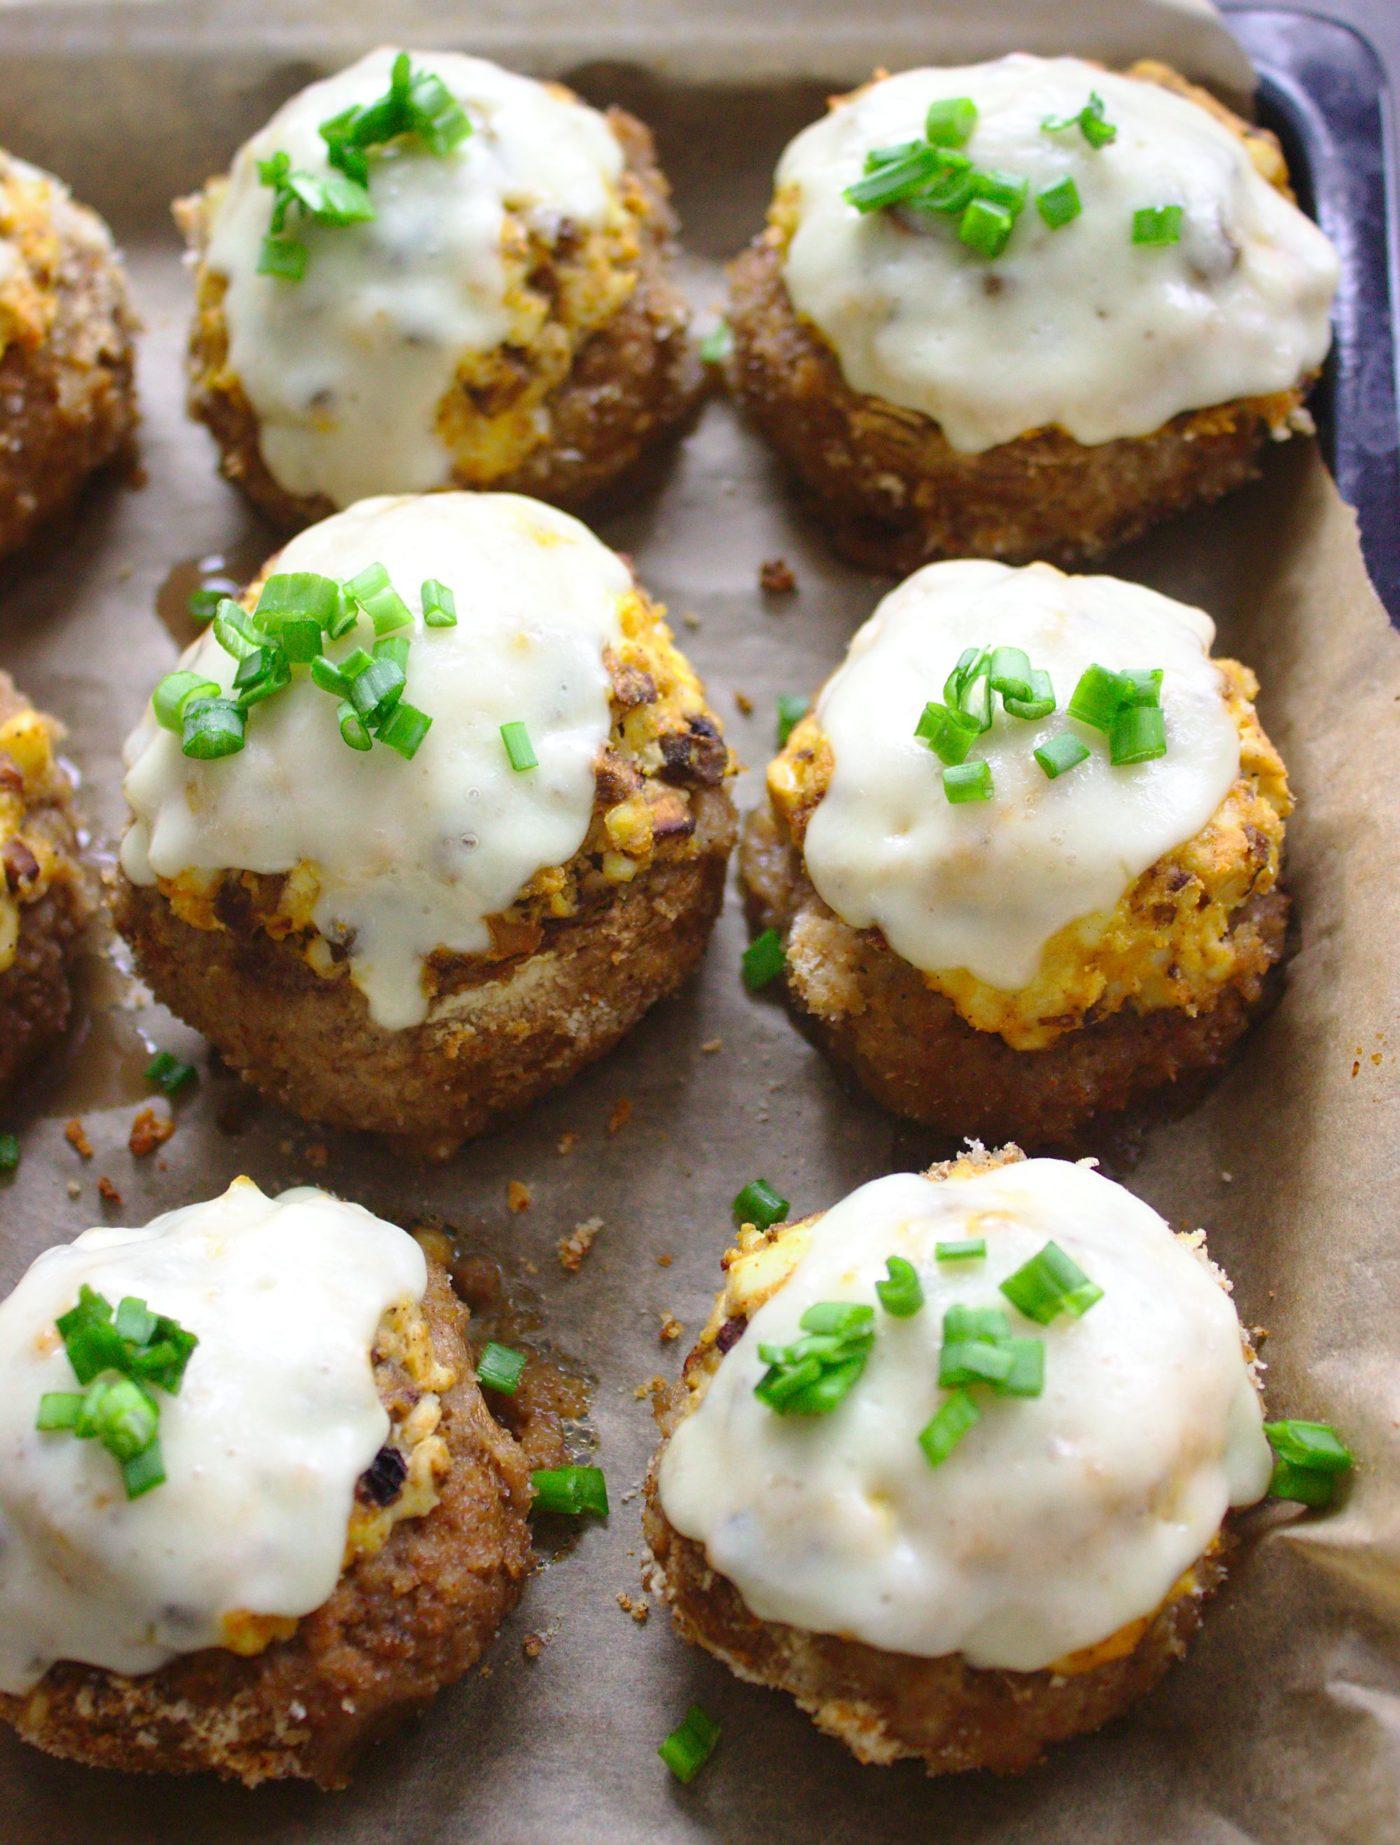 Pieczarki faszerowane jajkiem i serem żółtym